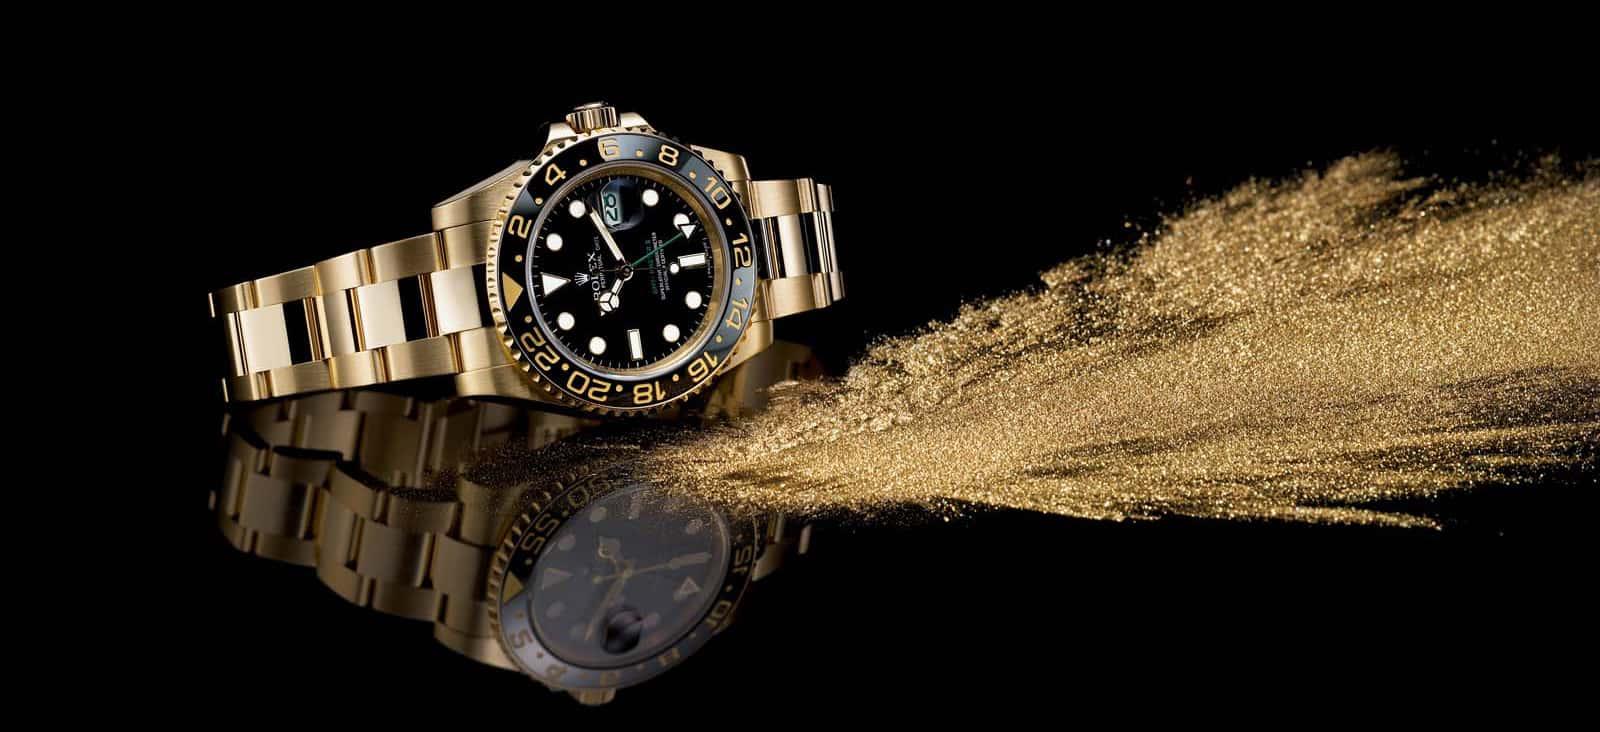 Đồng hồ cơ mạ vàng - Đi đầu trong thế giới sang trọng